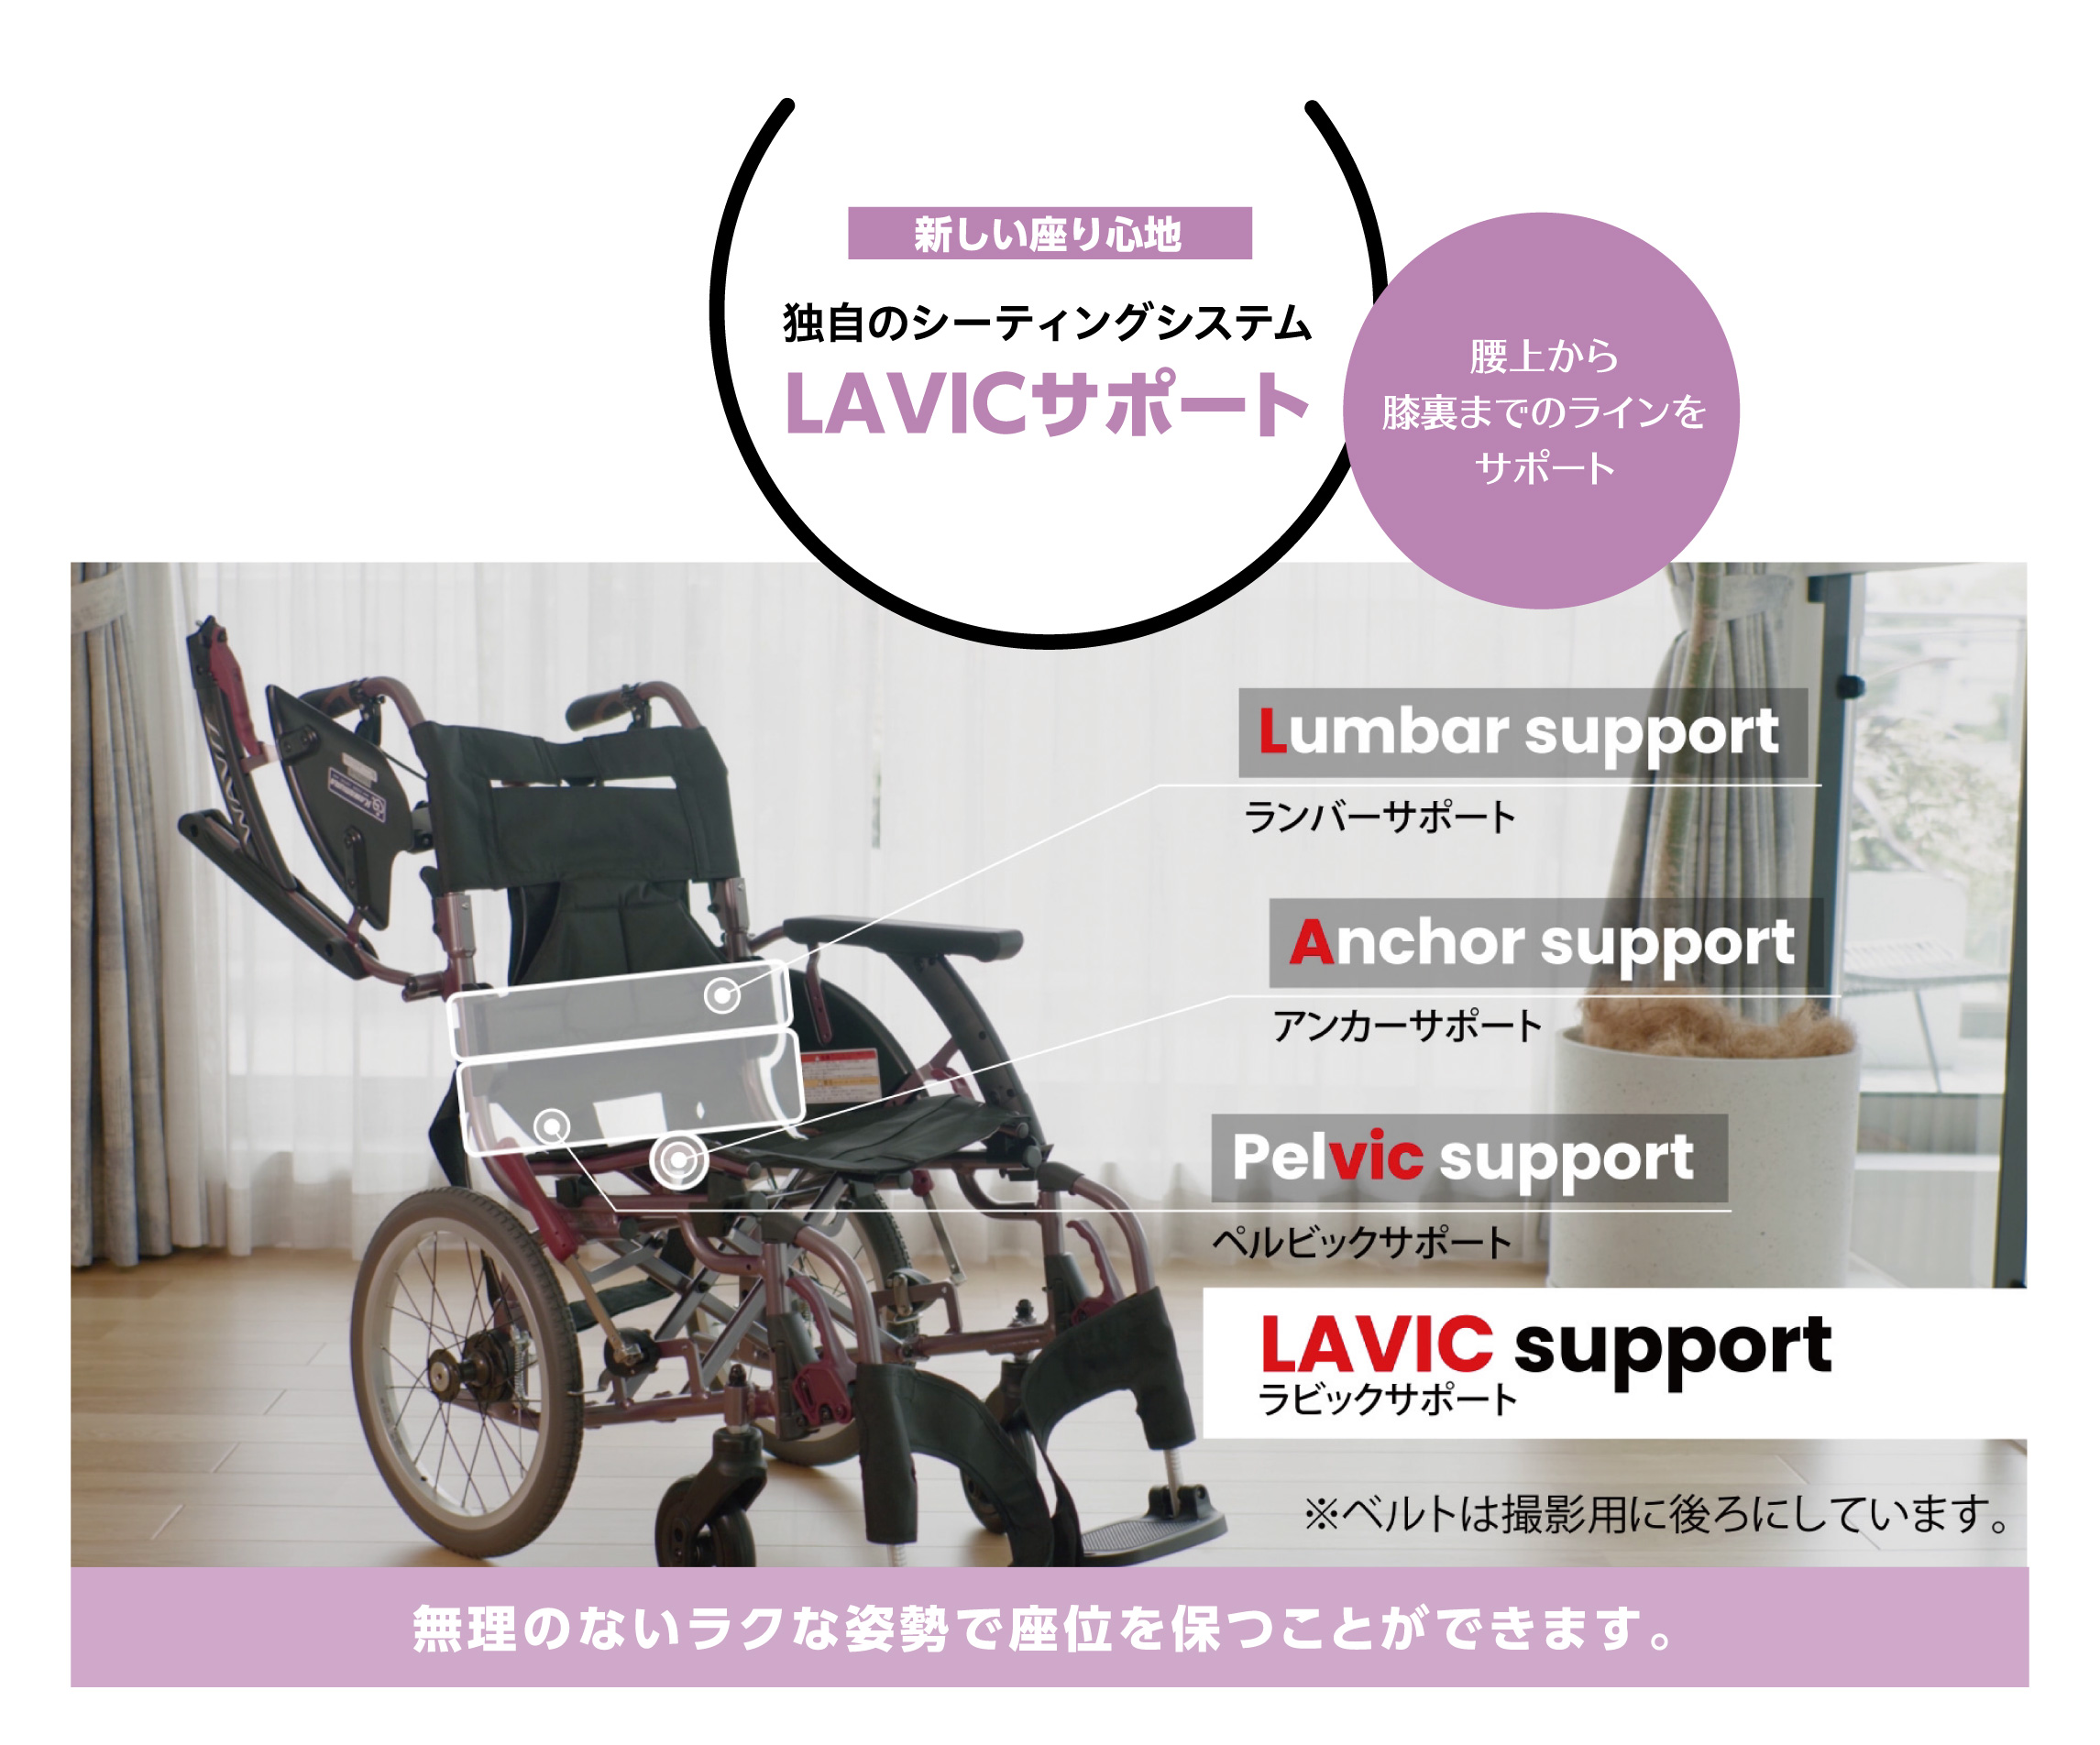 LAVIC1